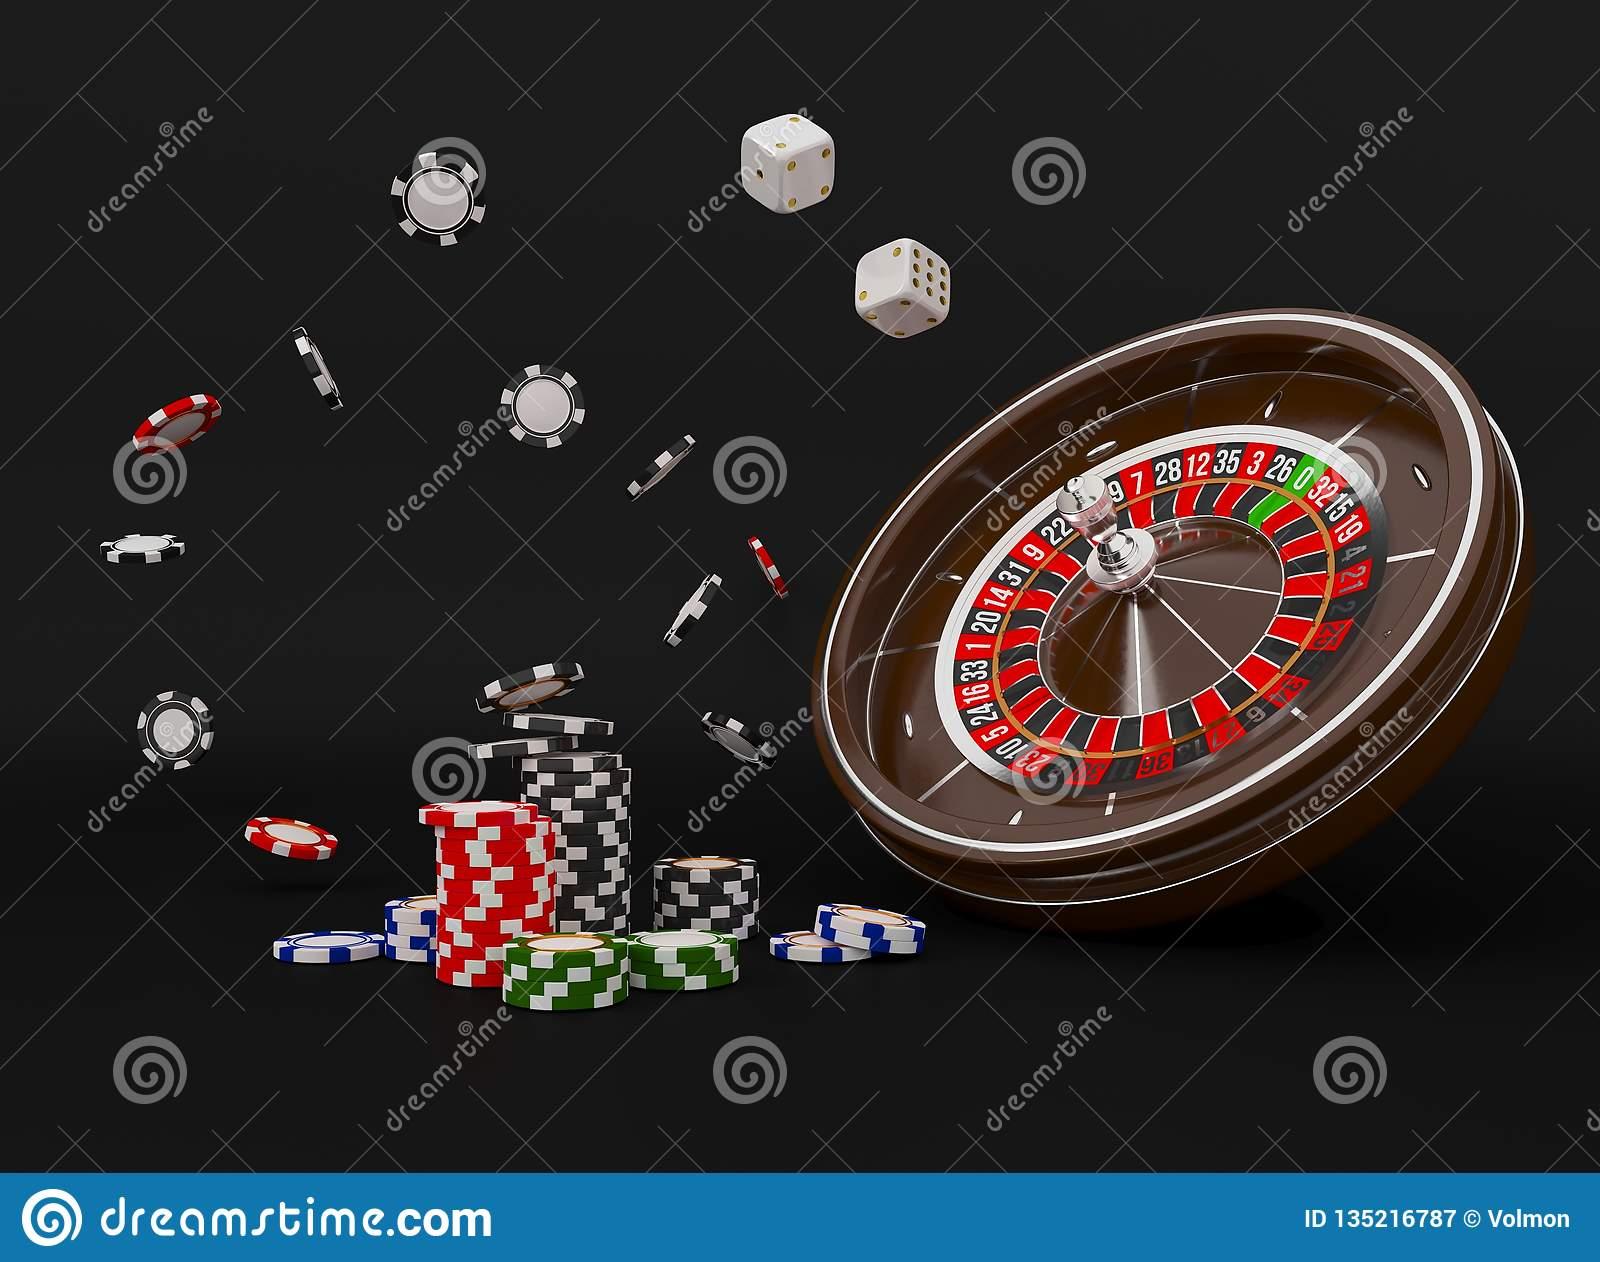 Игровые автоматы огород по 50 копеек игра техасский покер играть онлайн бесплатно